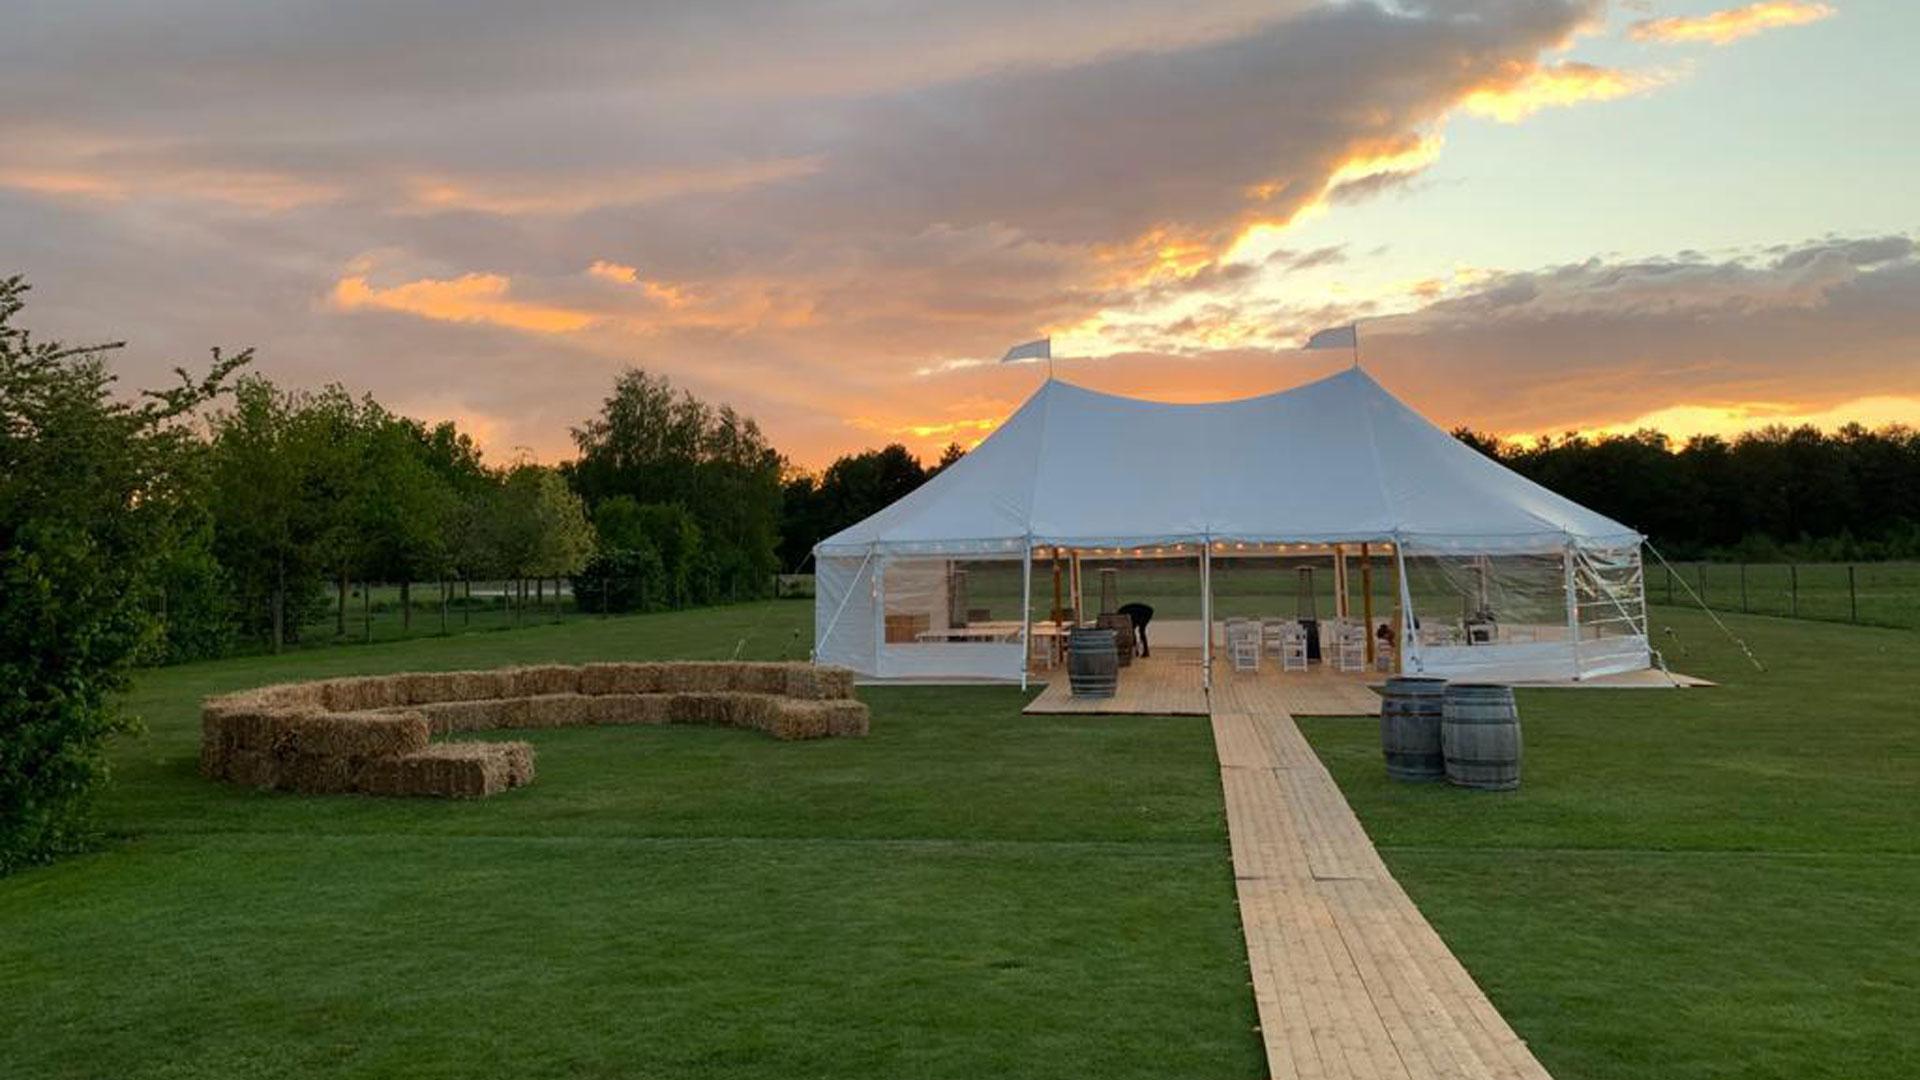 alphatentevent-luxury-dream-tent-10x15-meter-bruiloft-tuinfeest-vlondervloer-heaters-prikverlichting-zonsondergang-web-groot